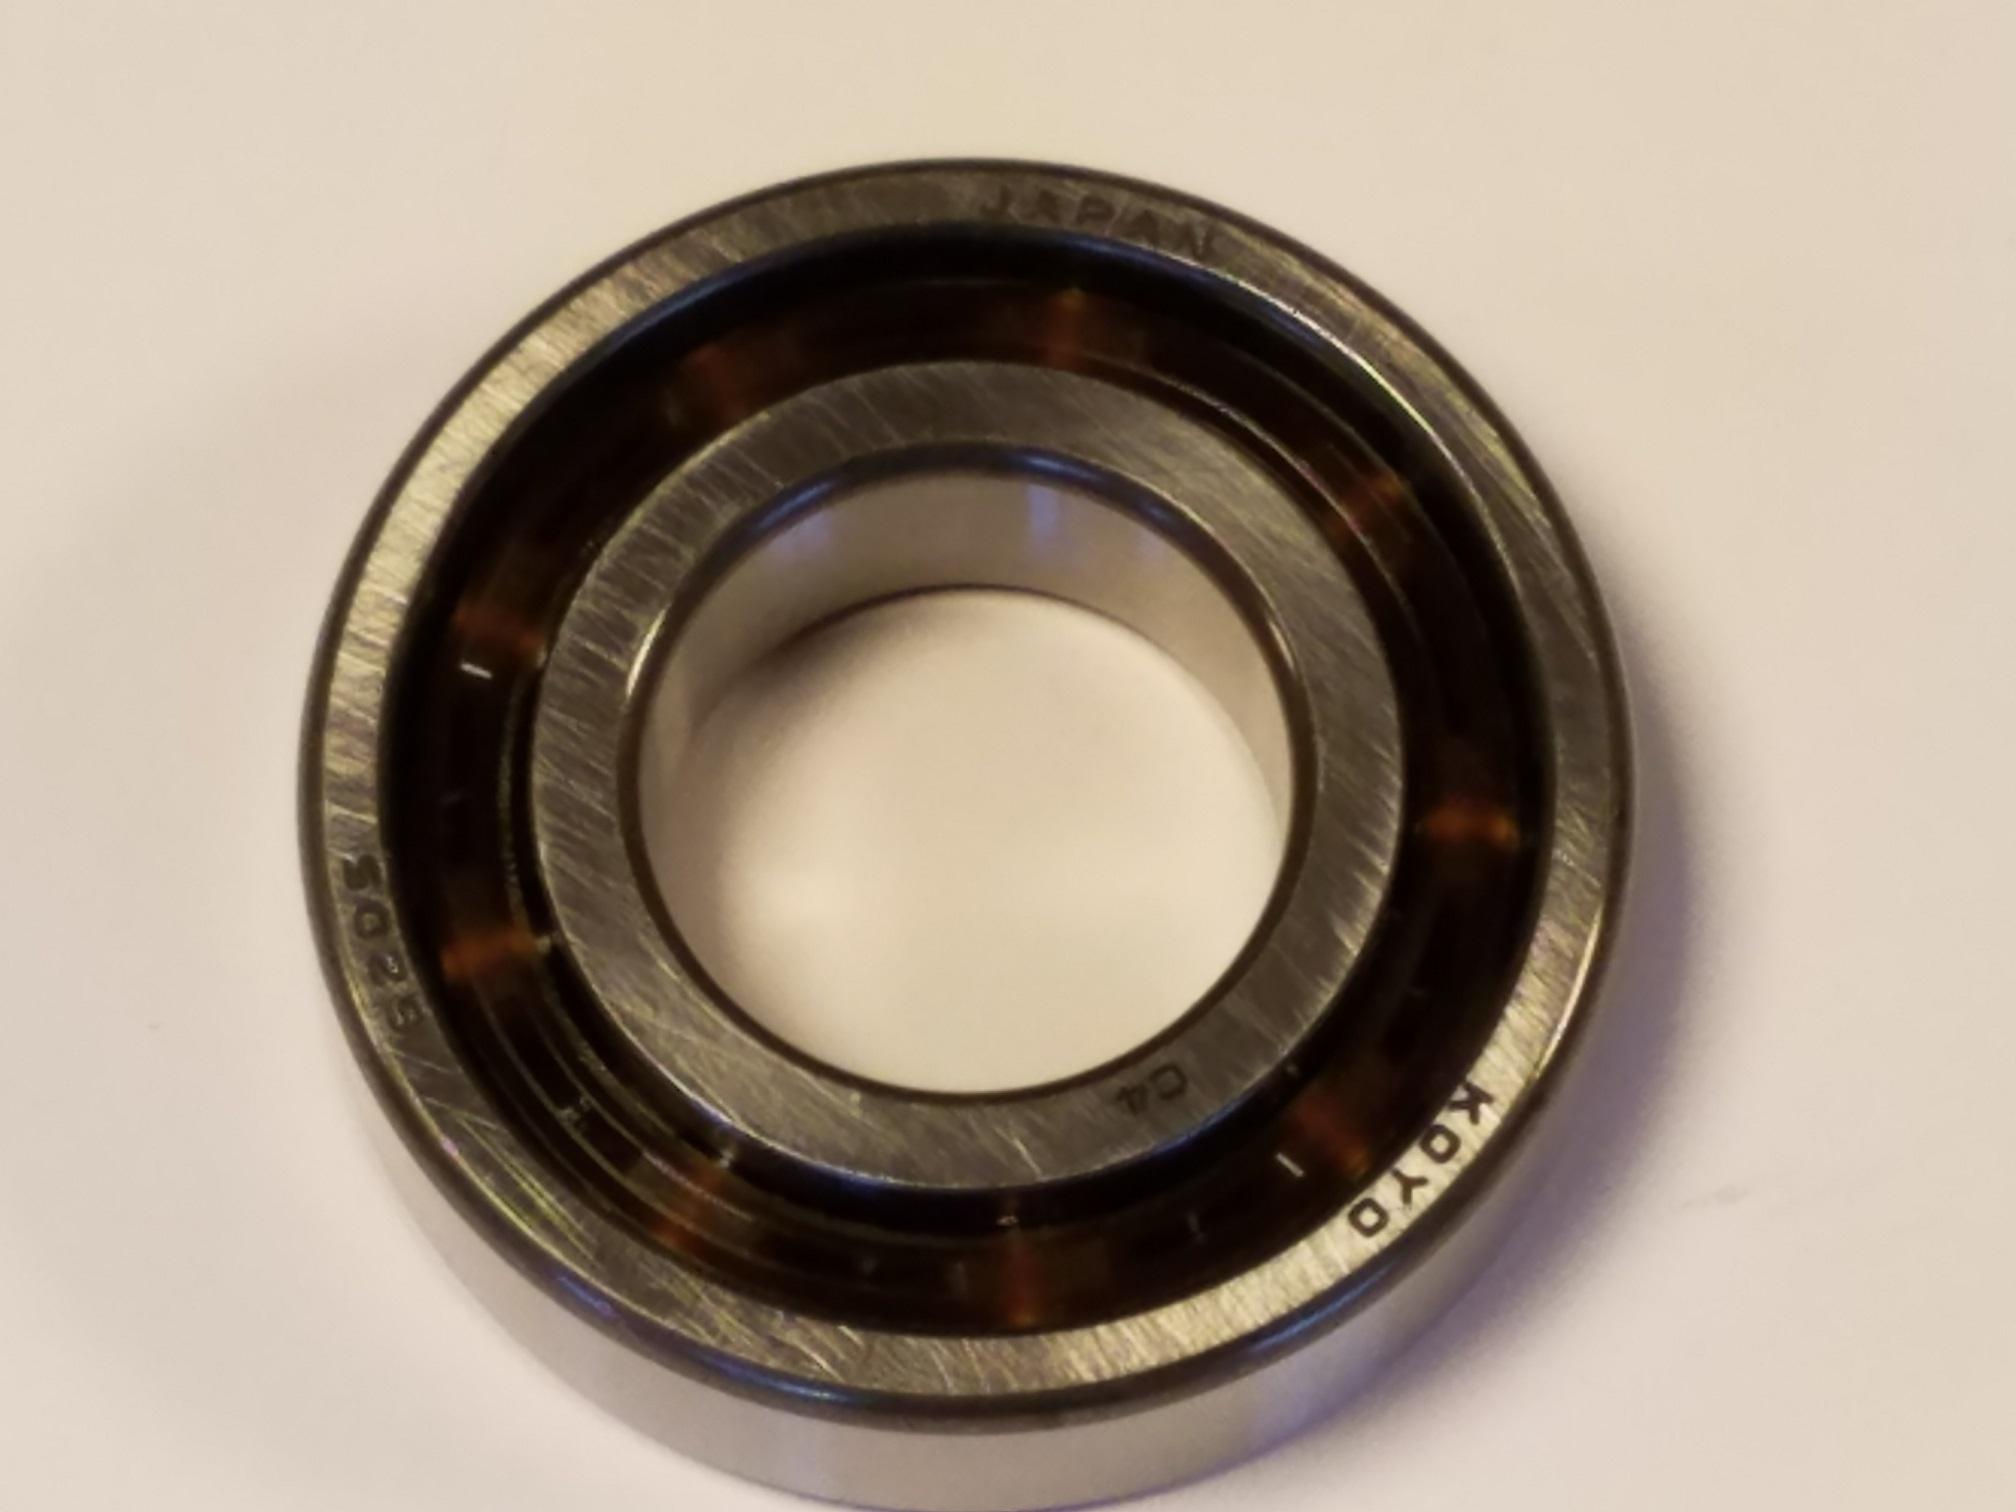 Main Bearing #6205 C4 - KOYO